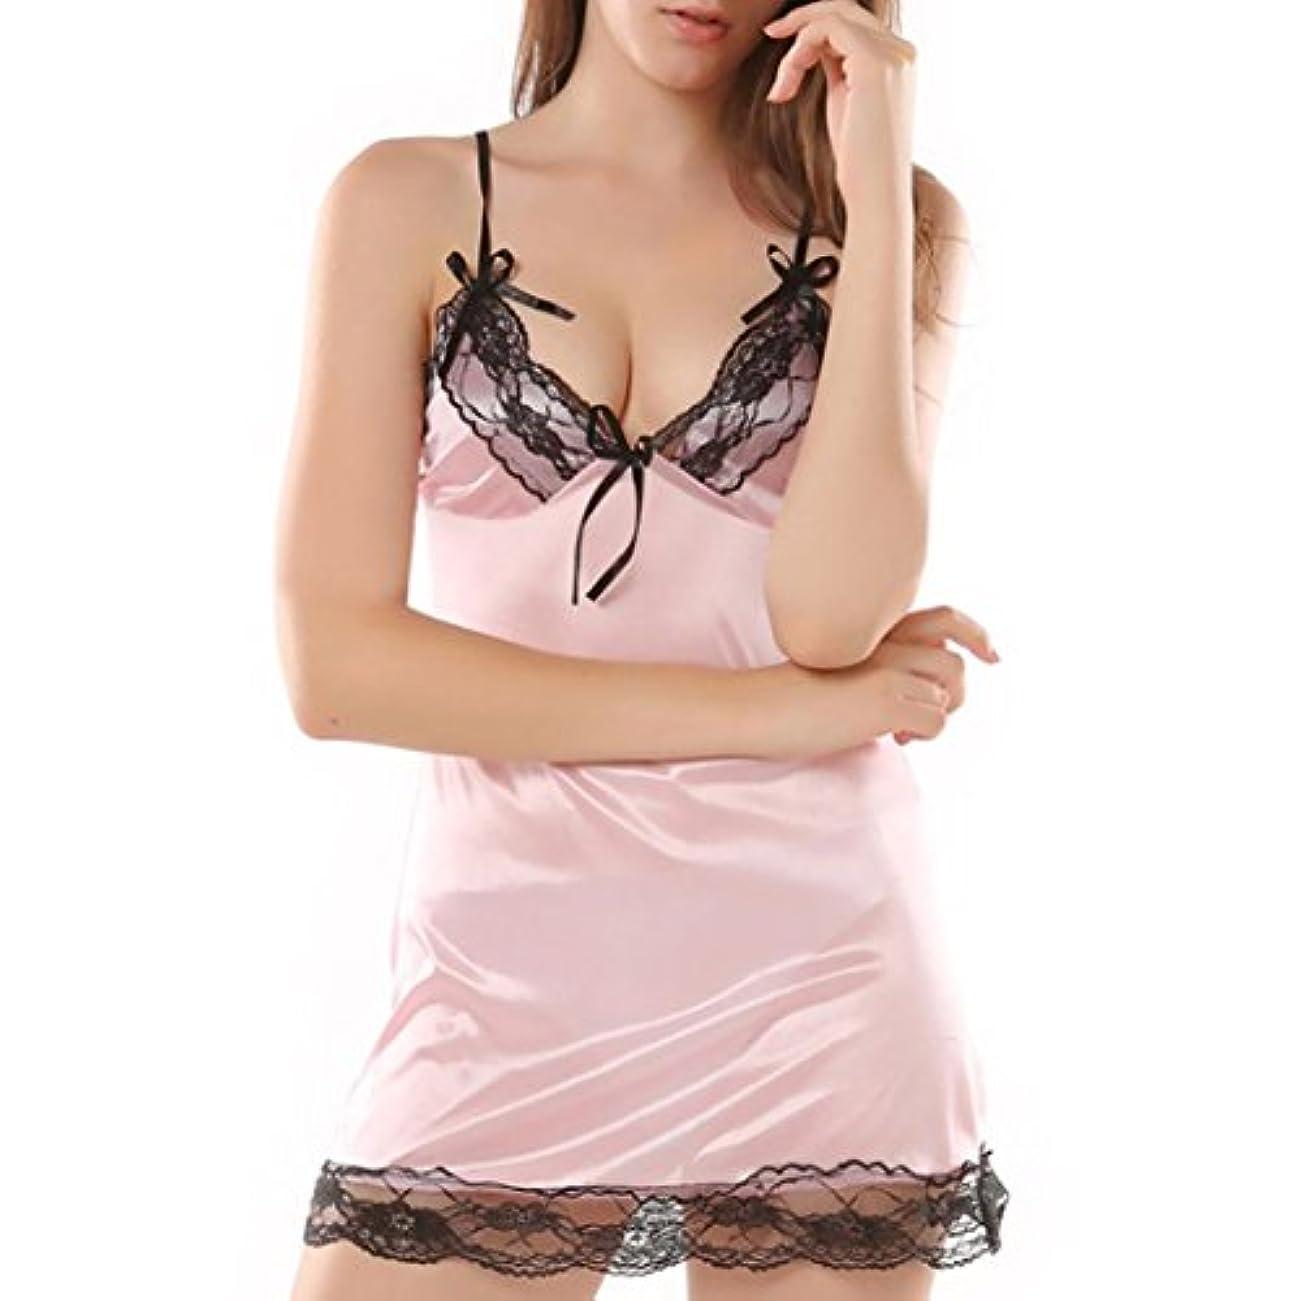 疑い者終了するアッティカスMhomzawa レースの下着ファッションセクシープラスサイズの服は下着の寝巻の誘惑